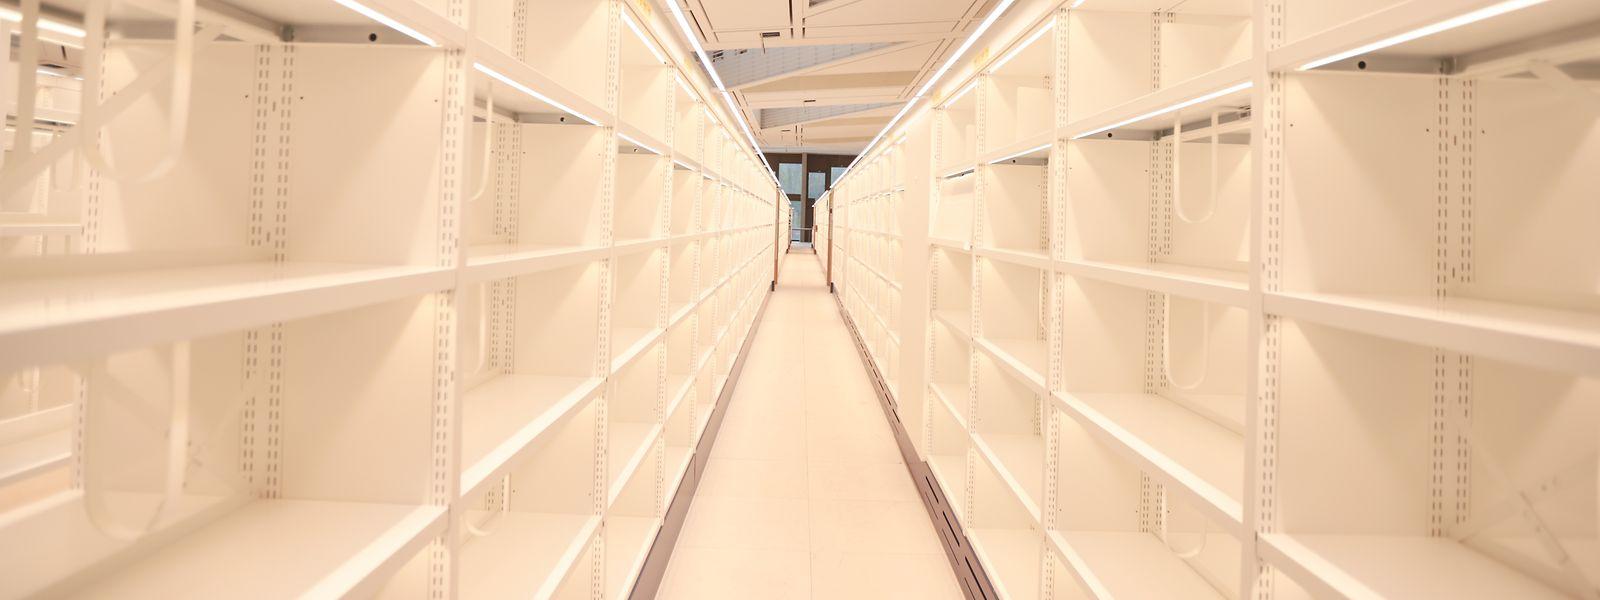 Le transfert des documents de l'ancienne à la nouvelle bibliothèque aura duré quatre mois.